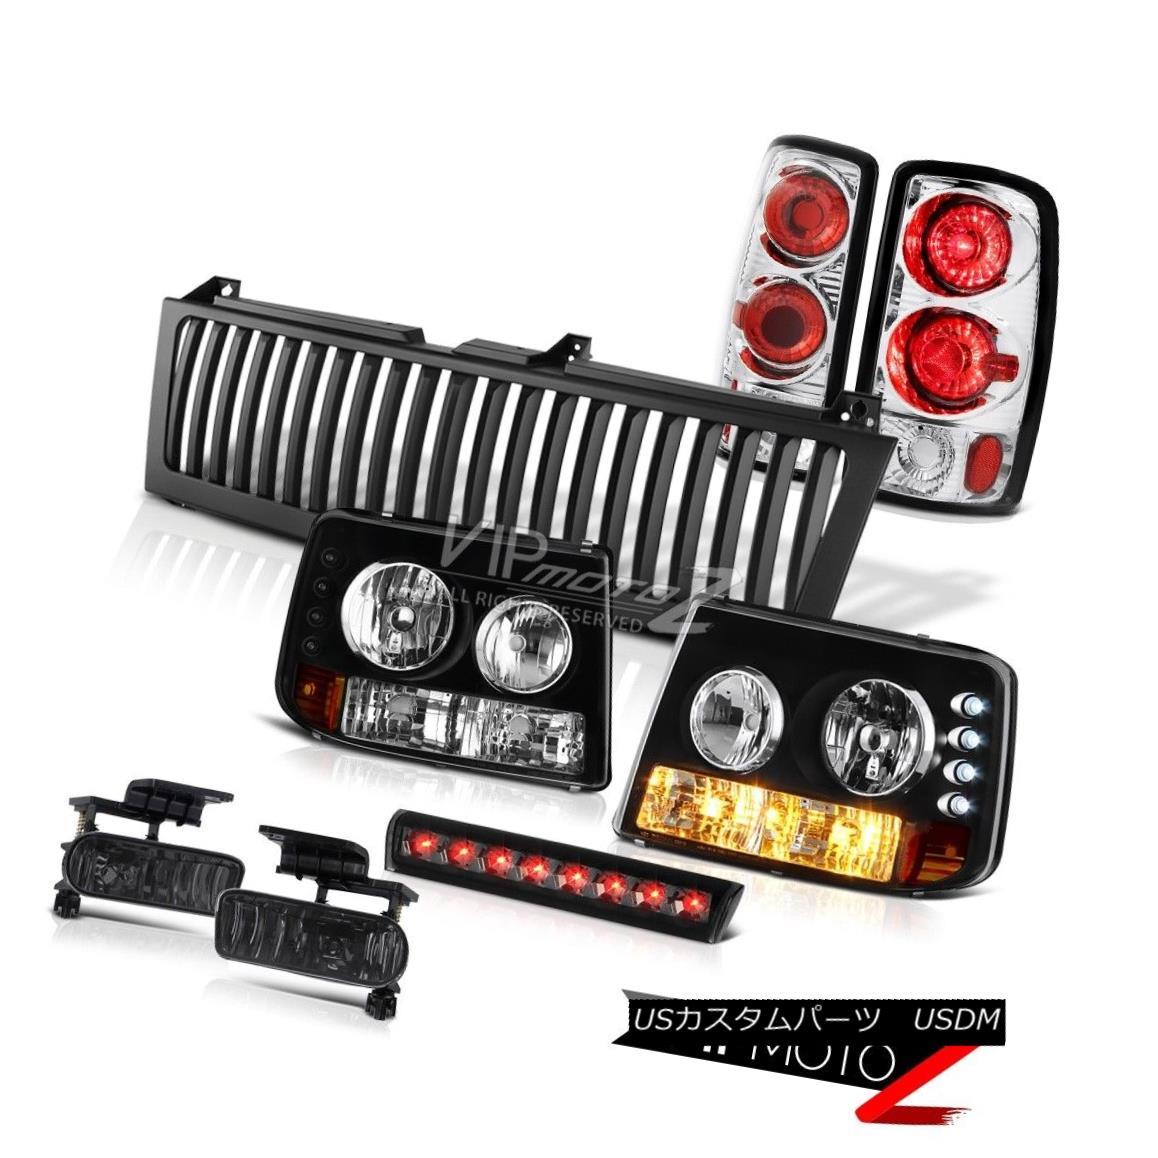 ヘッドライト Black Headlights Rear Signal TaiLamps Smoke Fog 3rd Brake LED 00-06 Chevy Tahoe ブラックヘッドライトリアシグナルタイランプ煙霧第3ブレーキLED 00-06 Chevy Tahoe